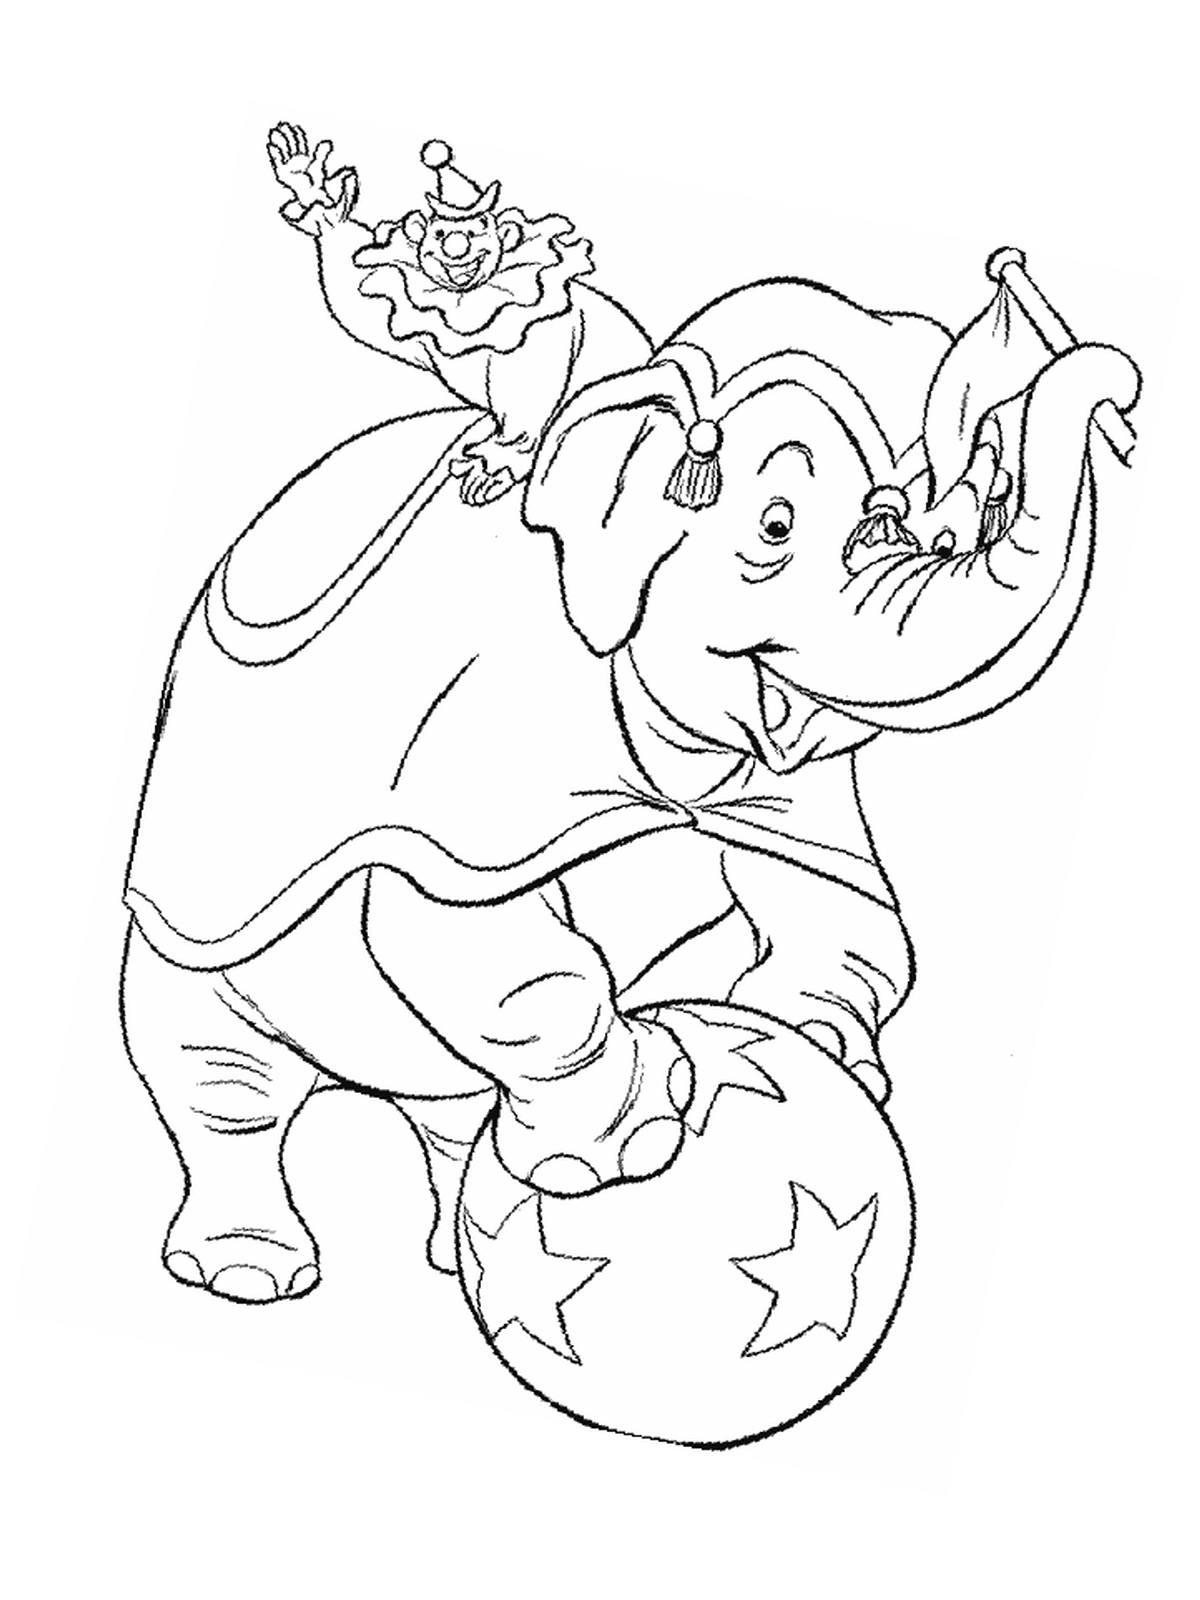 Ausmalbilder, Malvorlagen – Akrobaten im Zirkus kostenlos zum ...